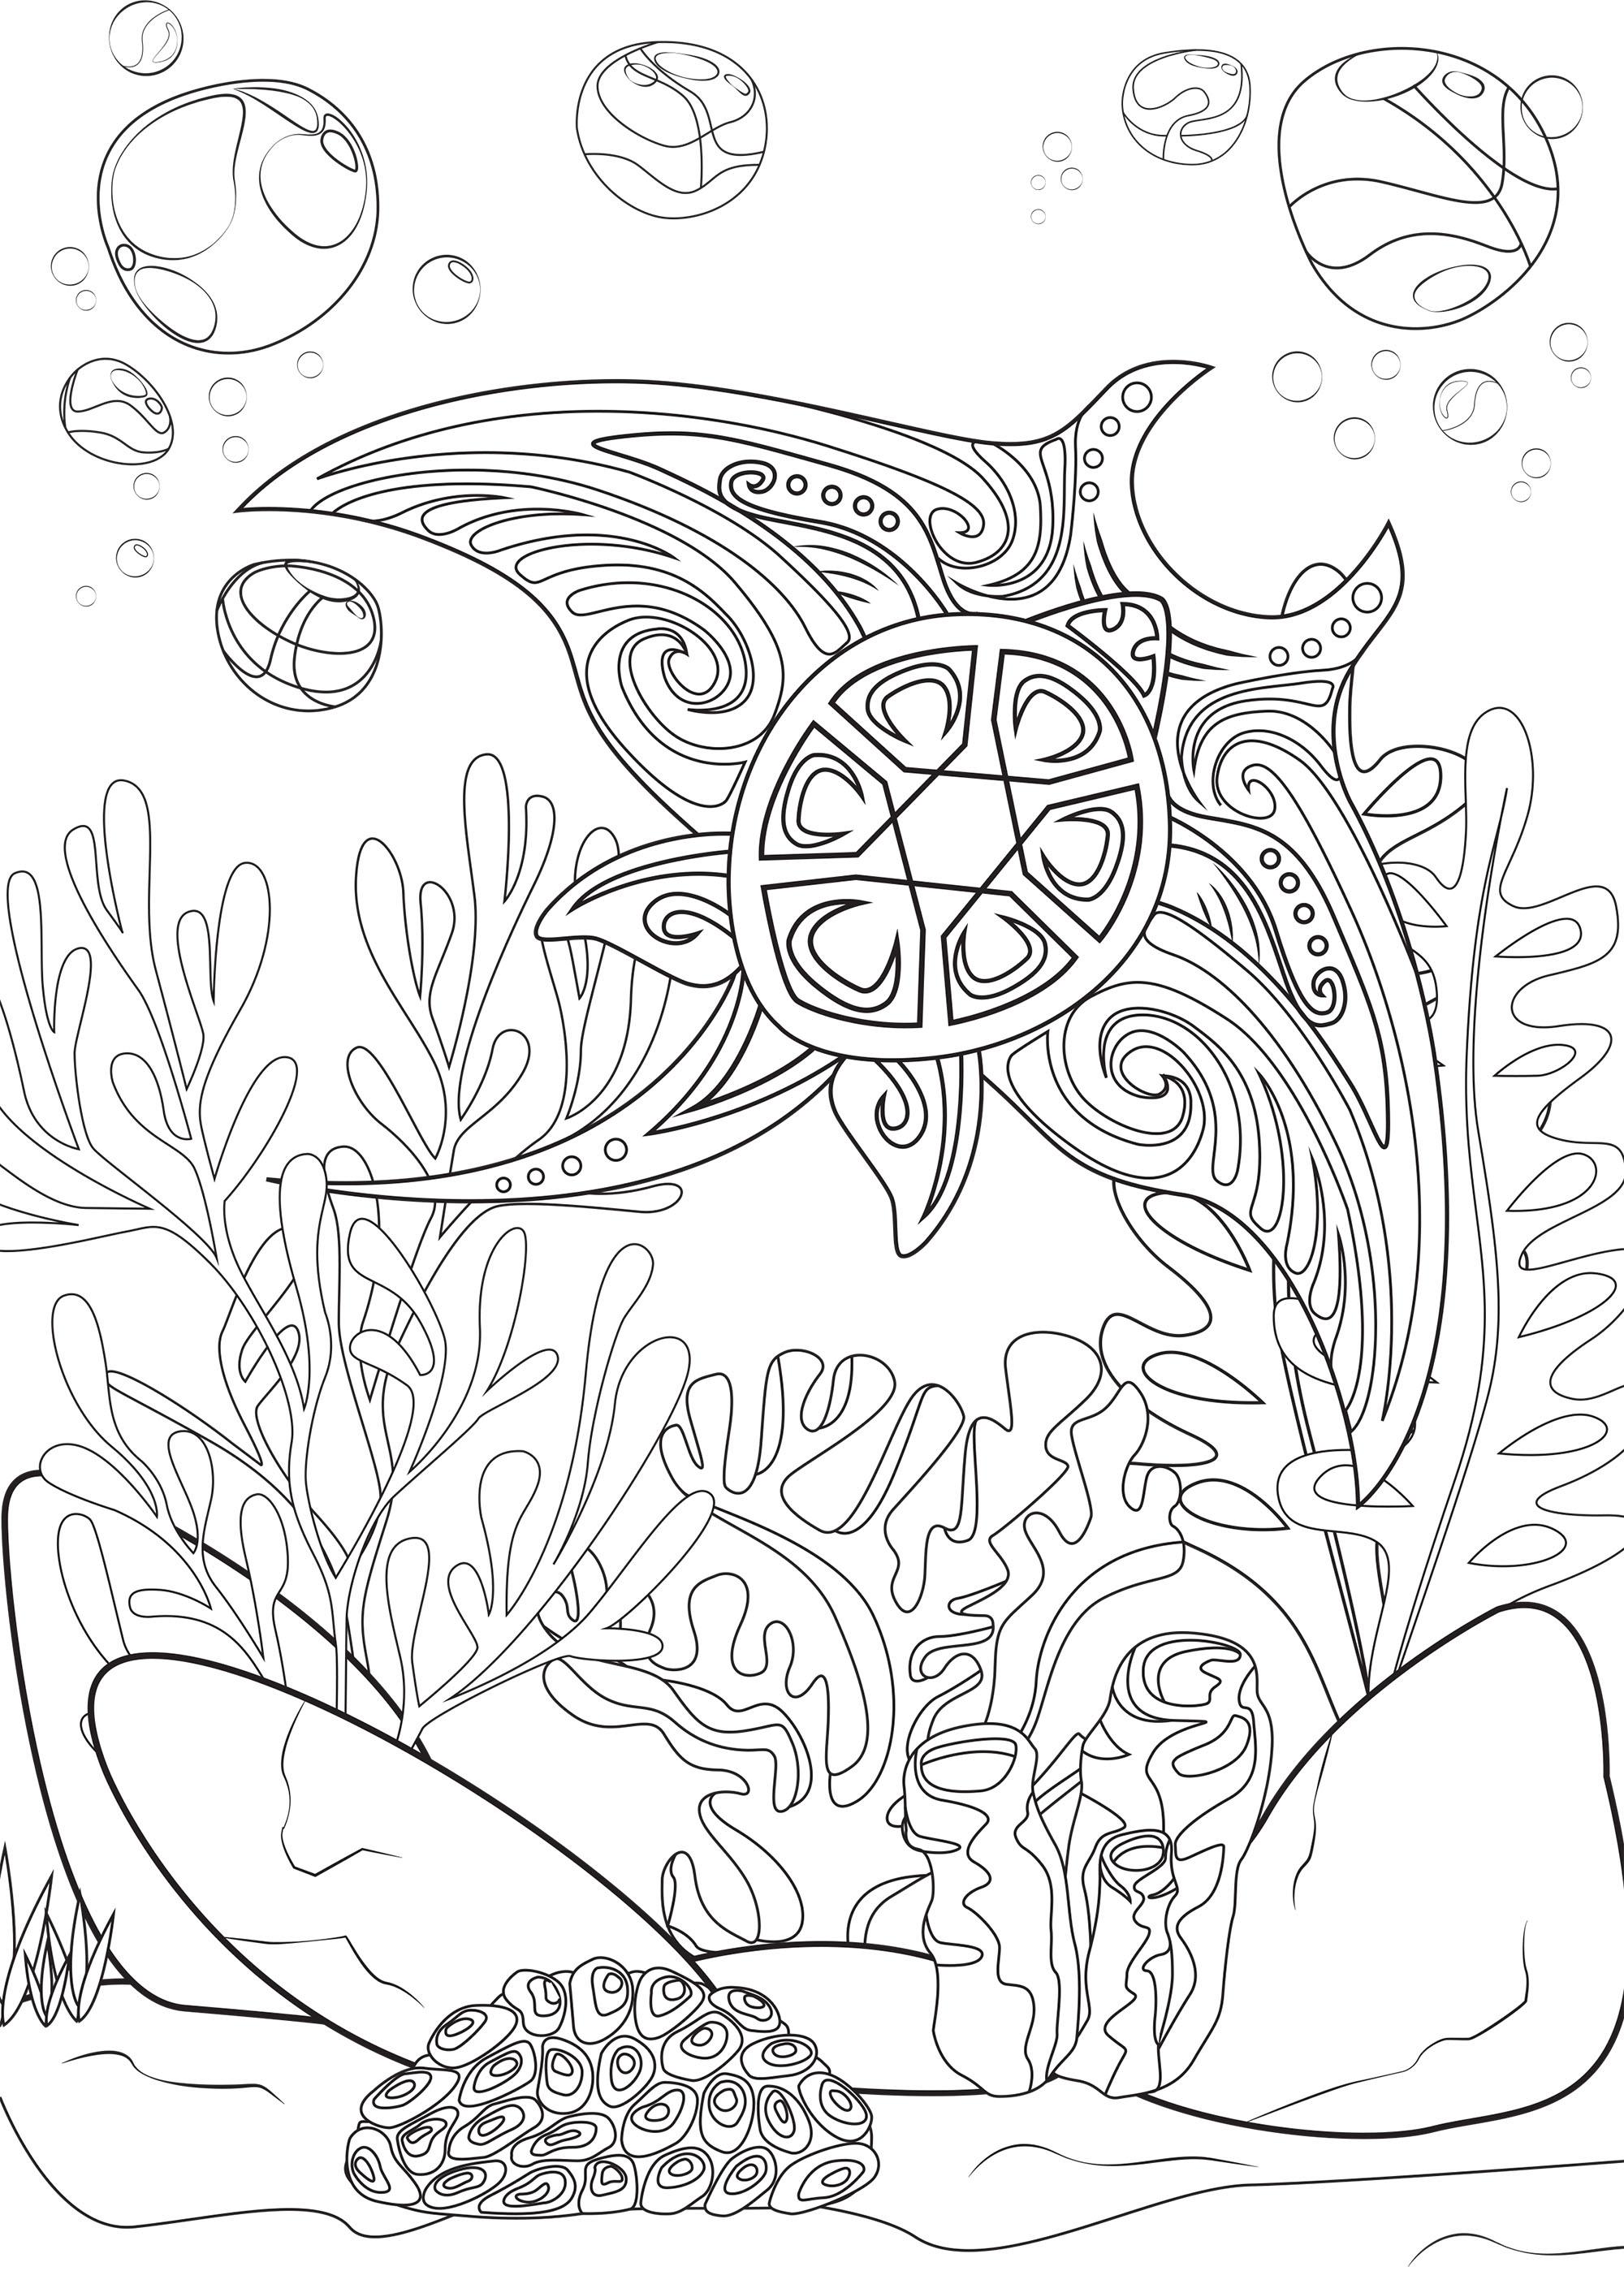 Cette jolie raie Manta maori flottant autour d'algues vous offre un moment de coloriage apaisant.